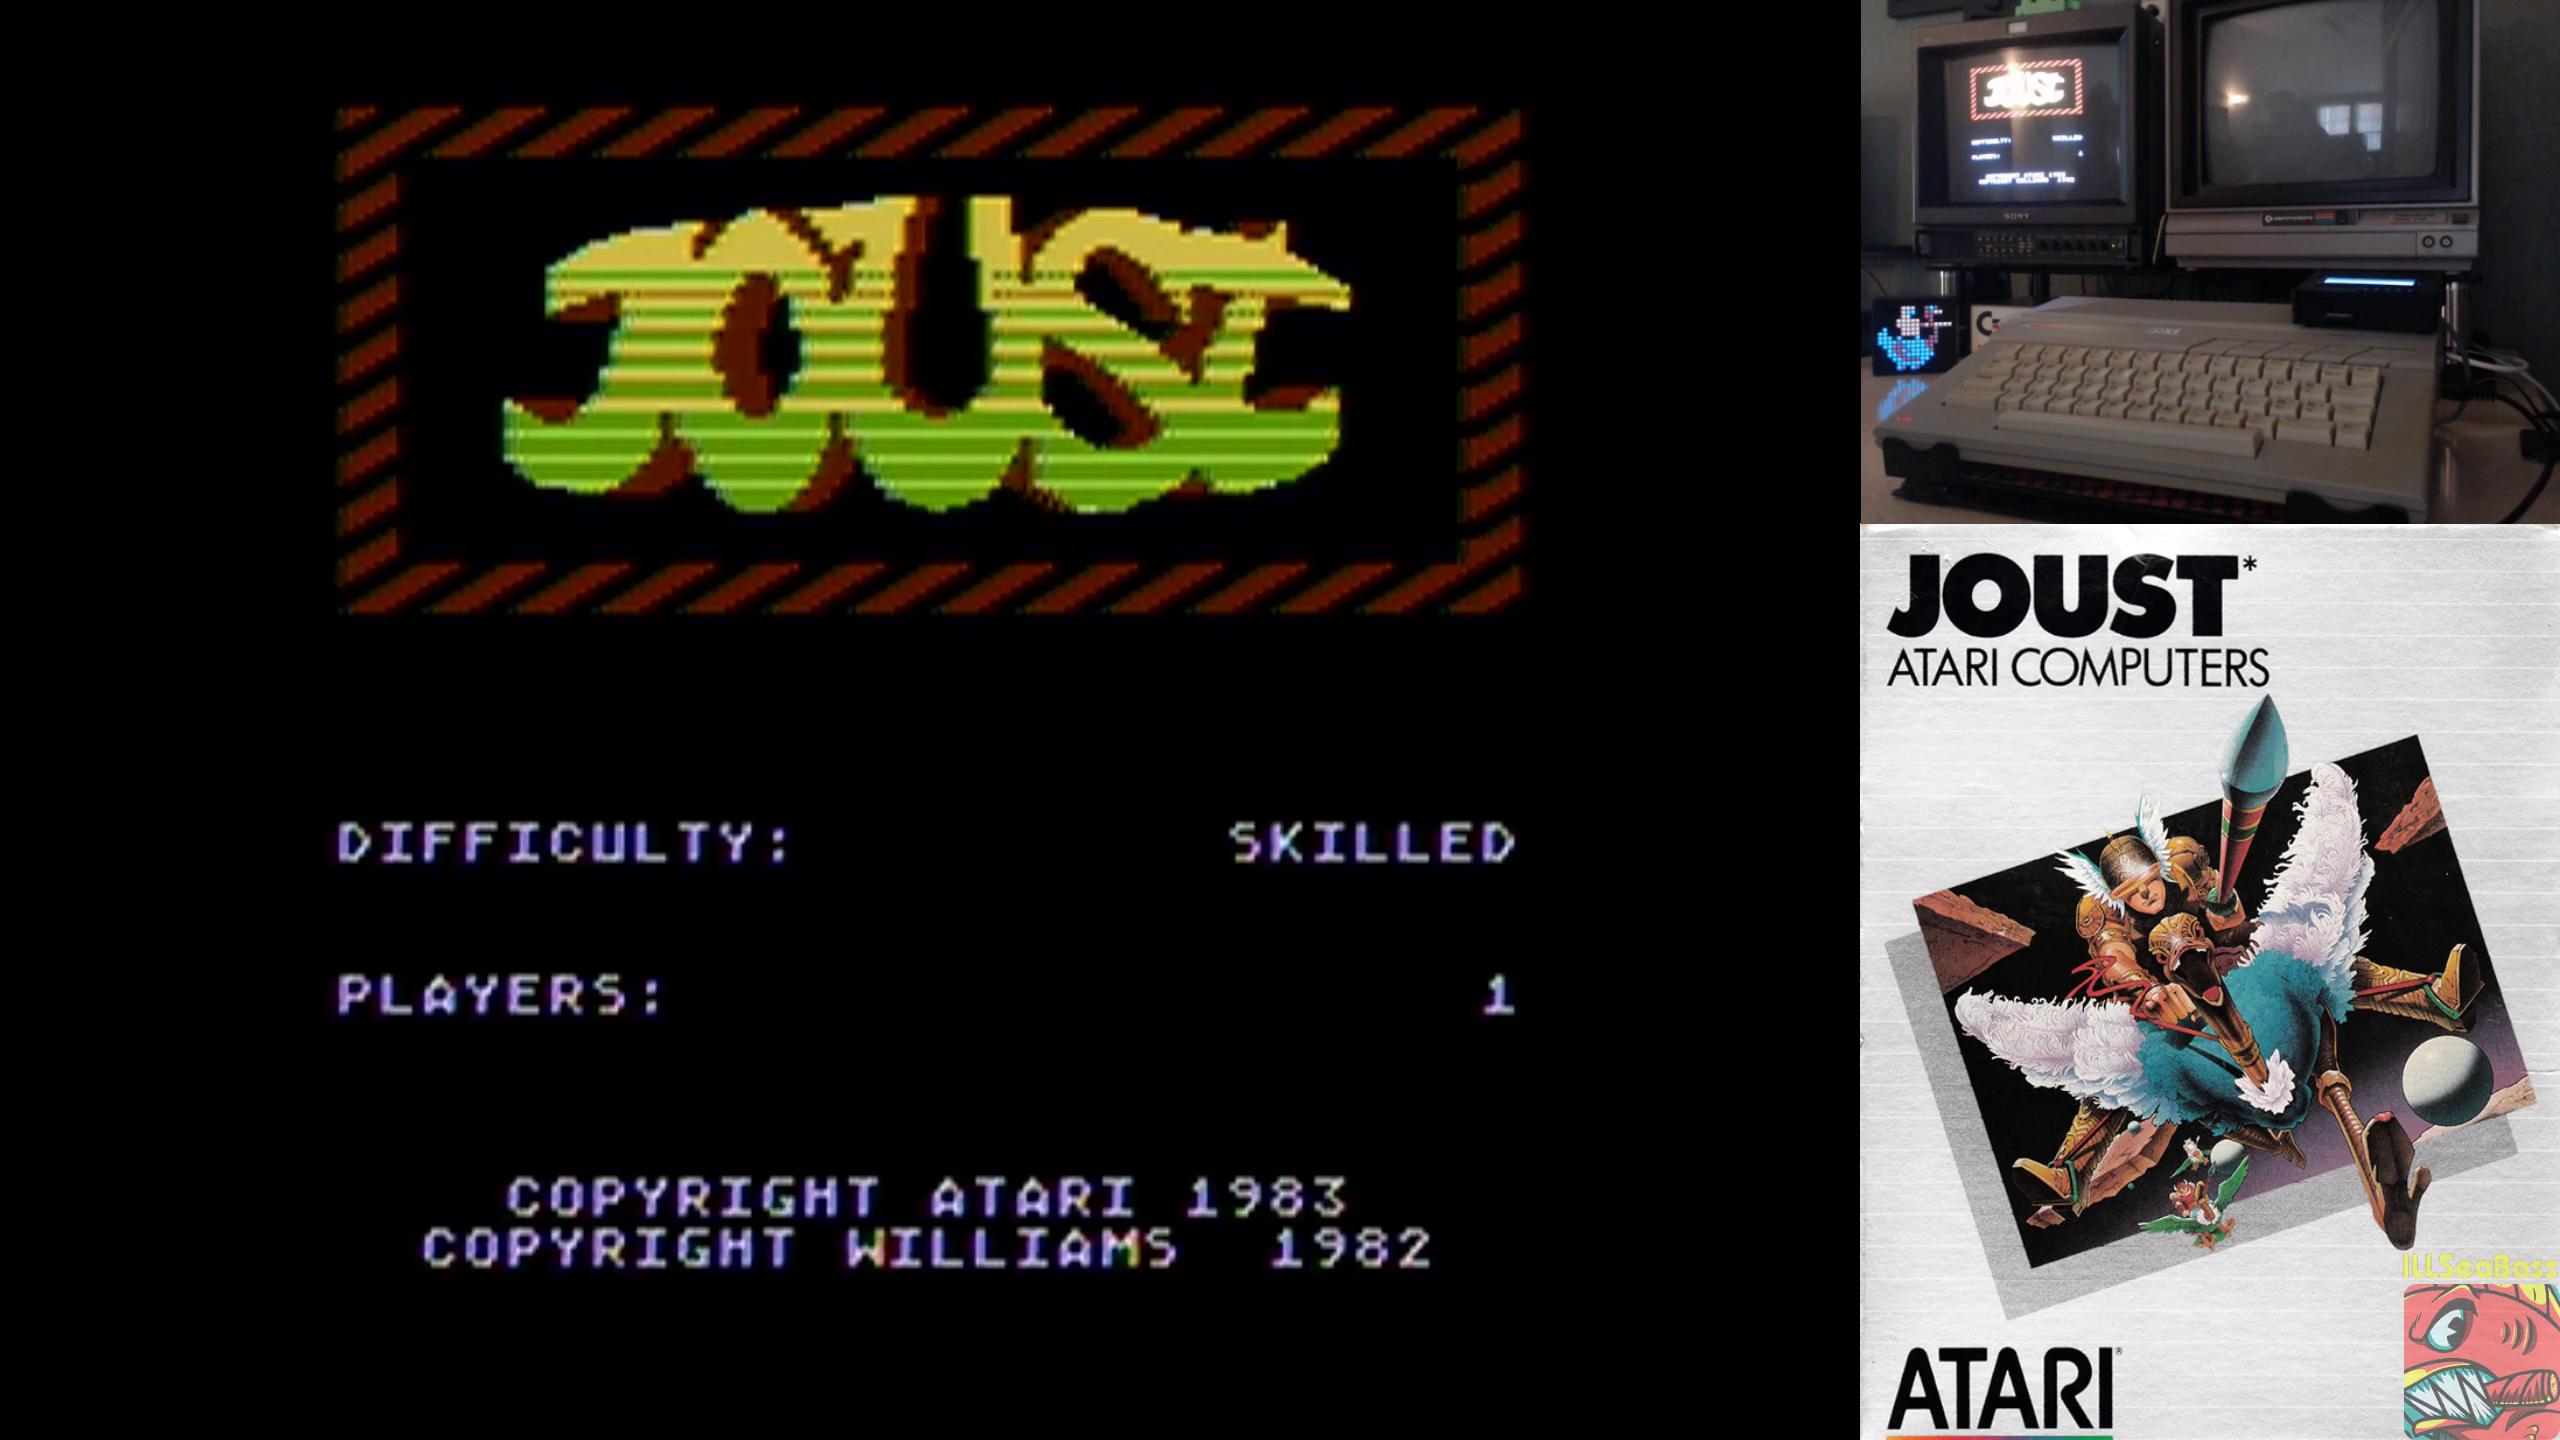 ILLSeaBass: Joust: Skilled (Atari 400/800/XL/XE) 237,550 points on 2019-10-03 00:05:51